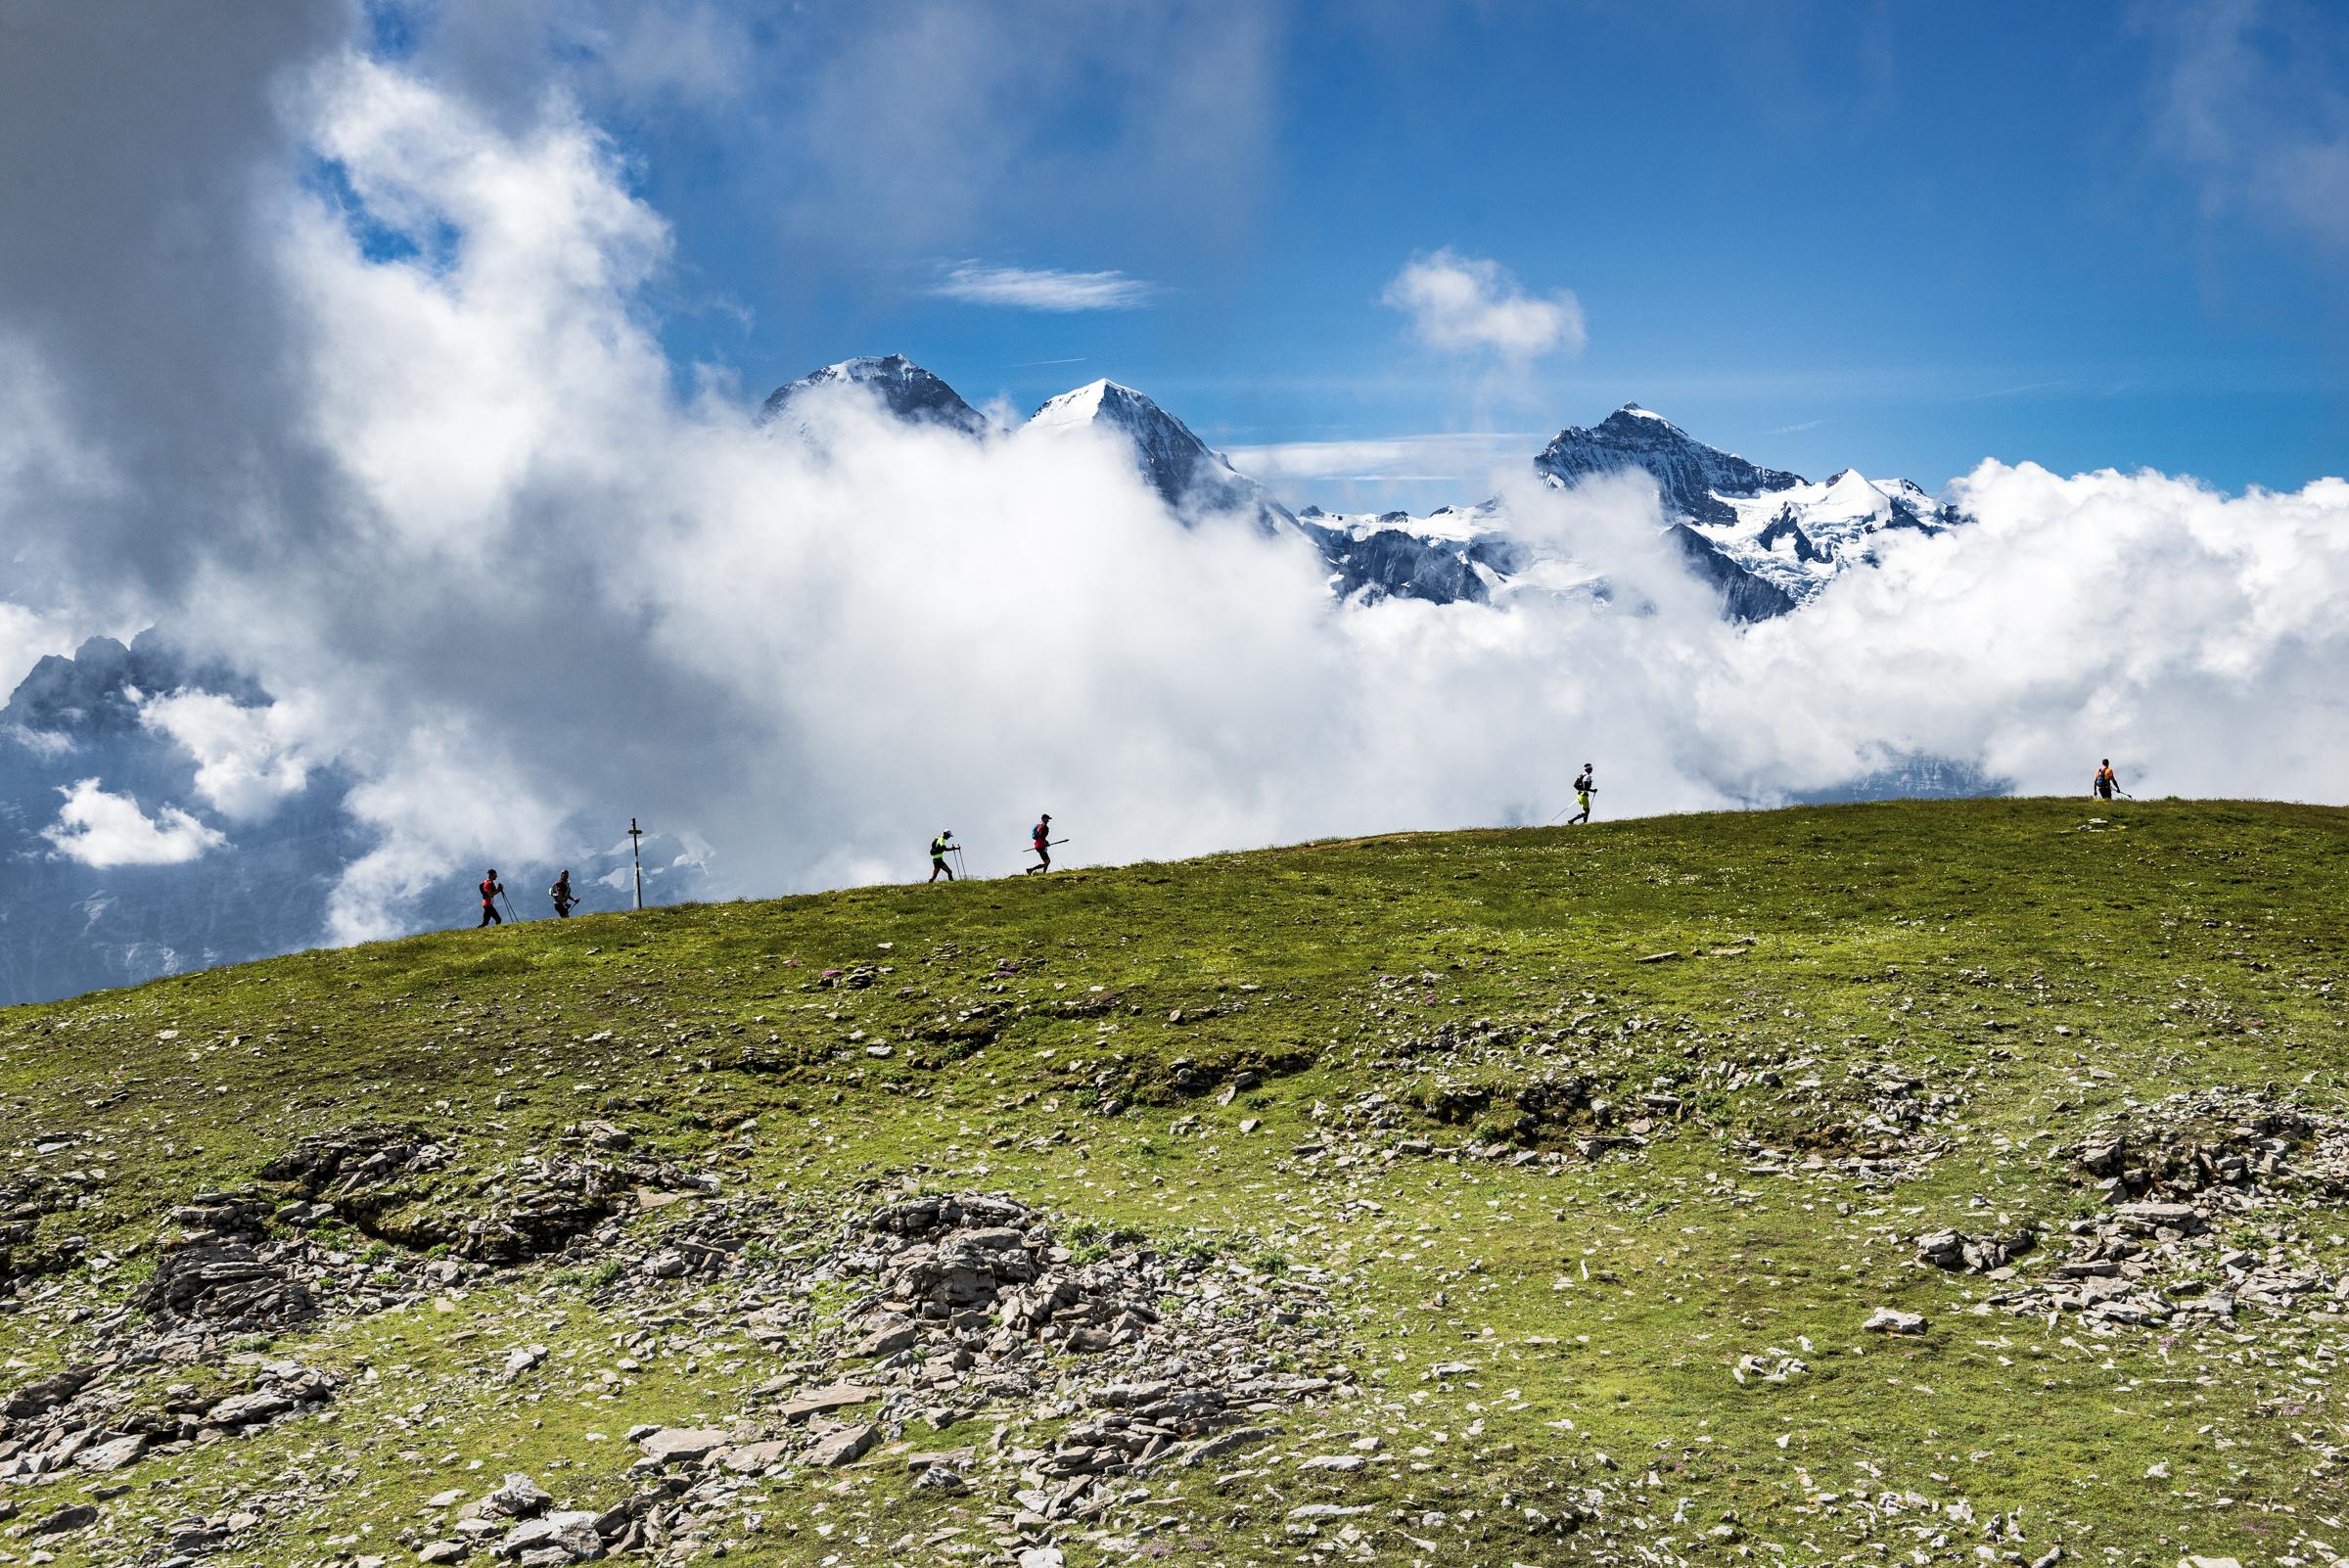 Andrea Huser gewinnt Eiger Ultra Trail und Schweizermeisterschaft im Trailrunning